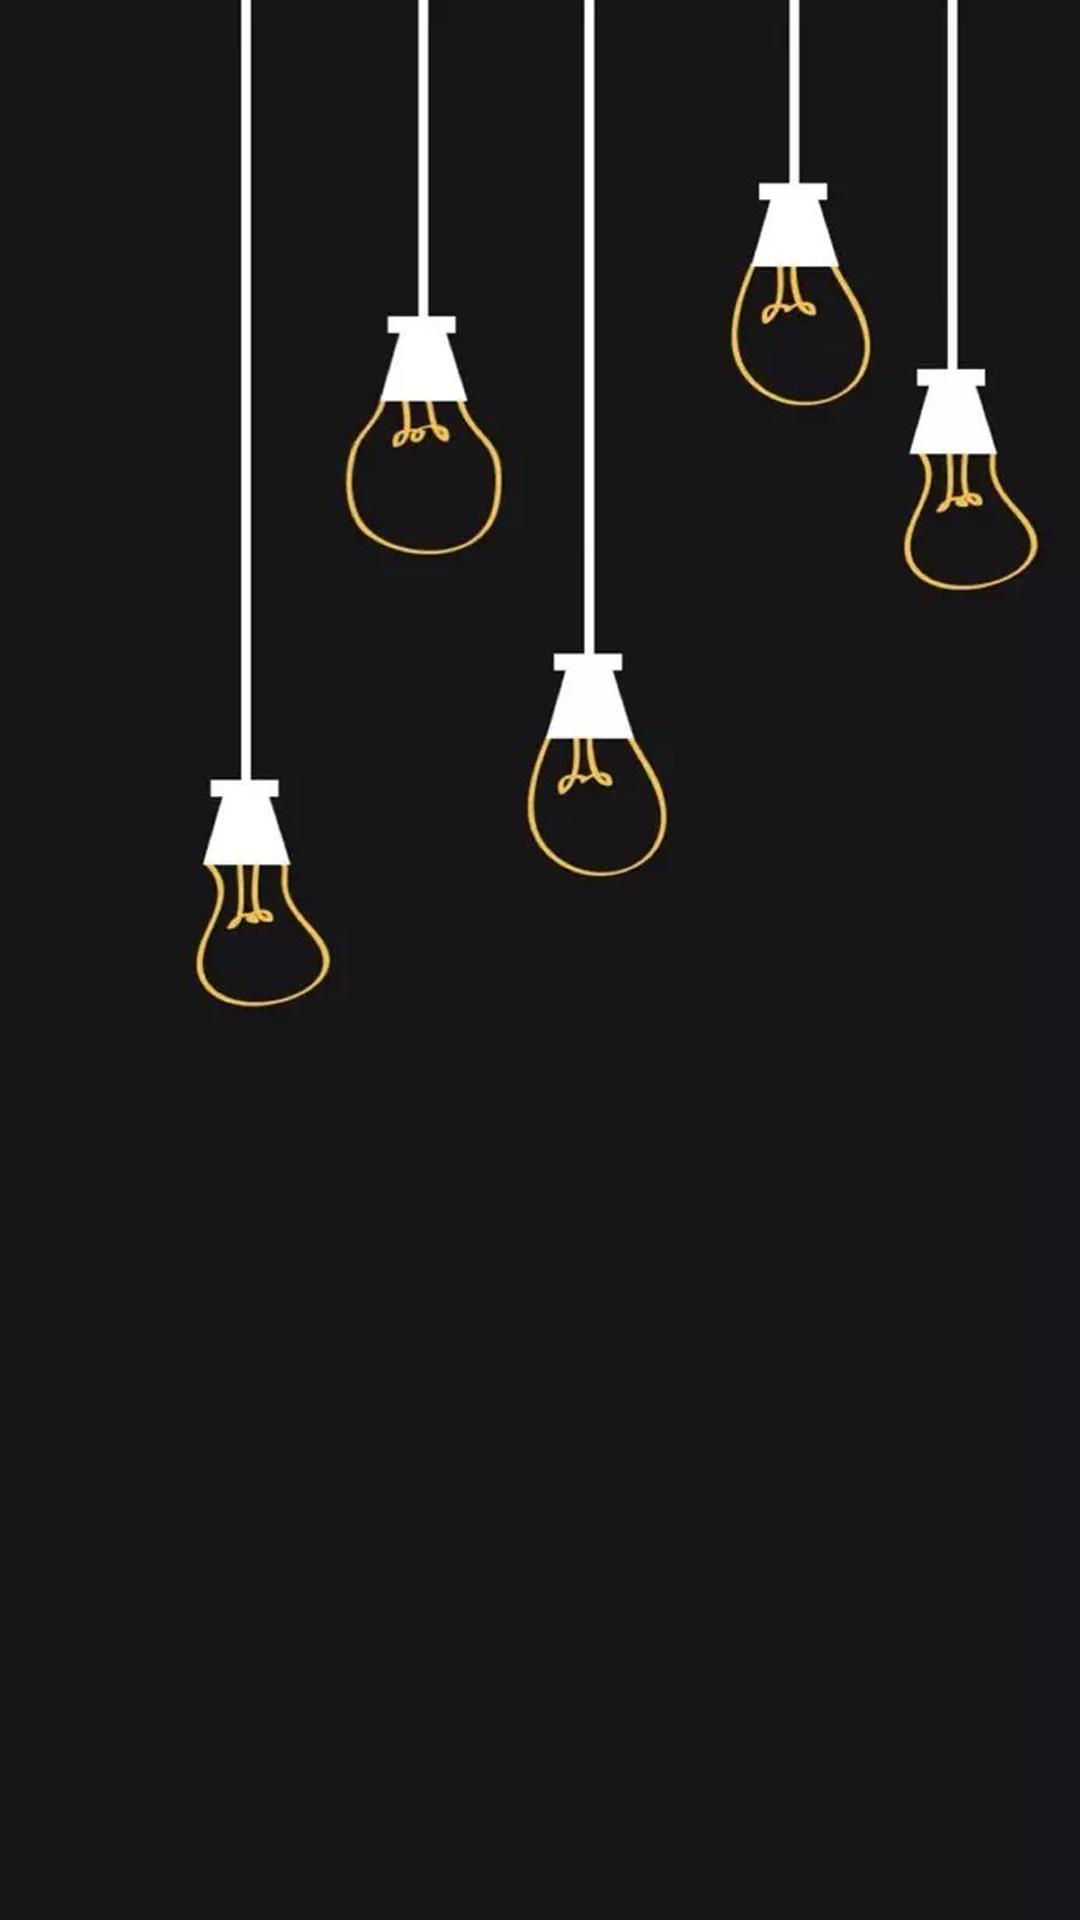 黑色背景 简笔画灯泡 苹果手机高清壁纸 1080x1920 爱思助手